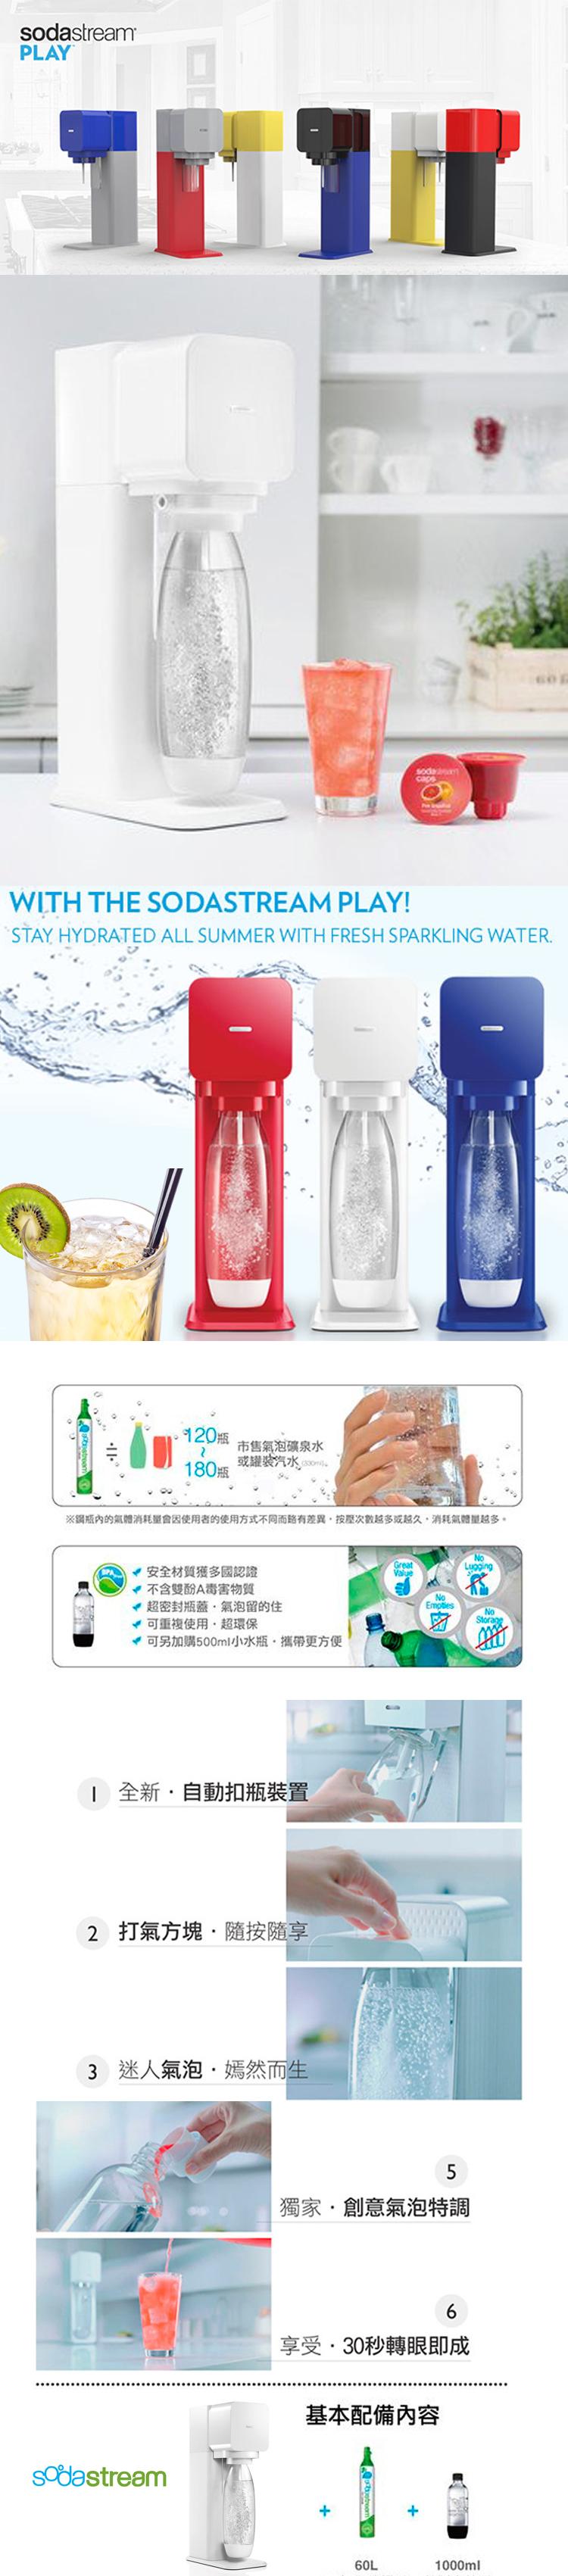 【熱銷萬台】Sodastream PLAY 氣泡水機(福利品) 設計白 自動扣瓶 贈糖漿x2